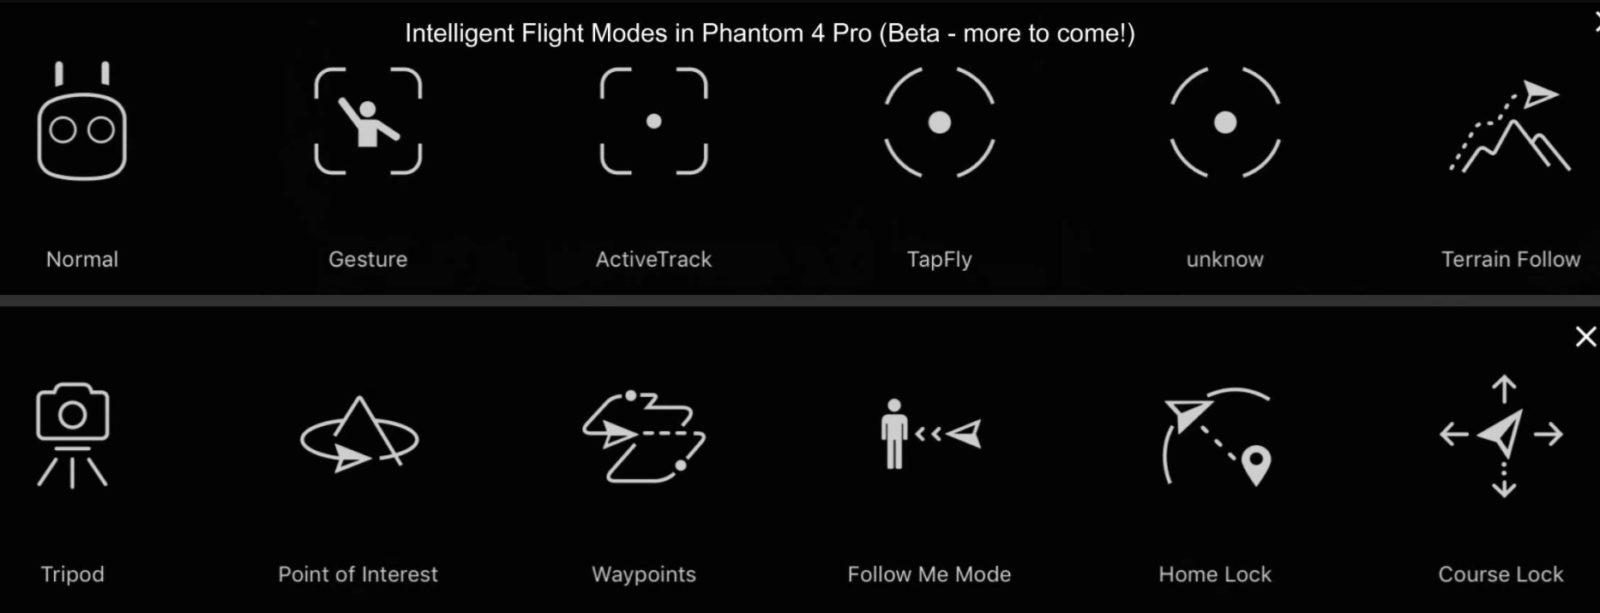 Функции Phantom 4 Pro